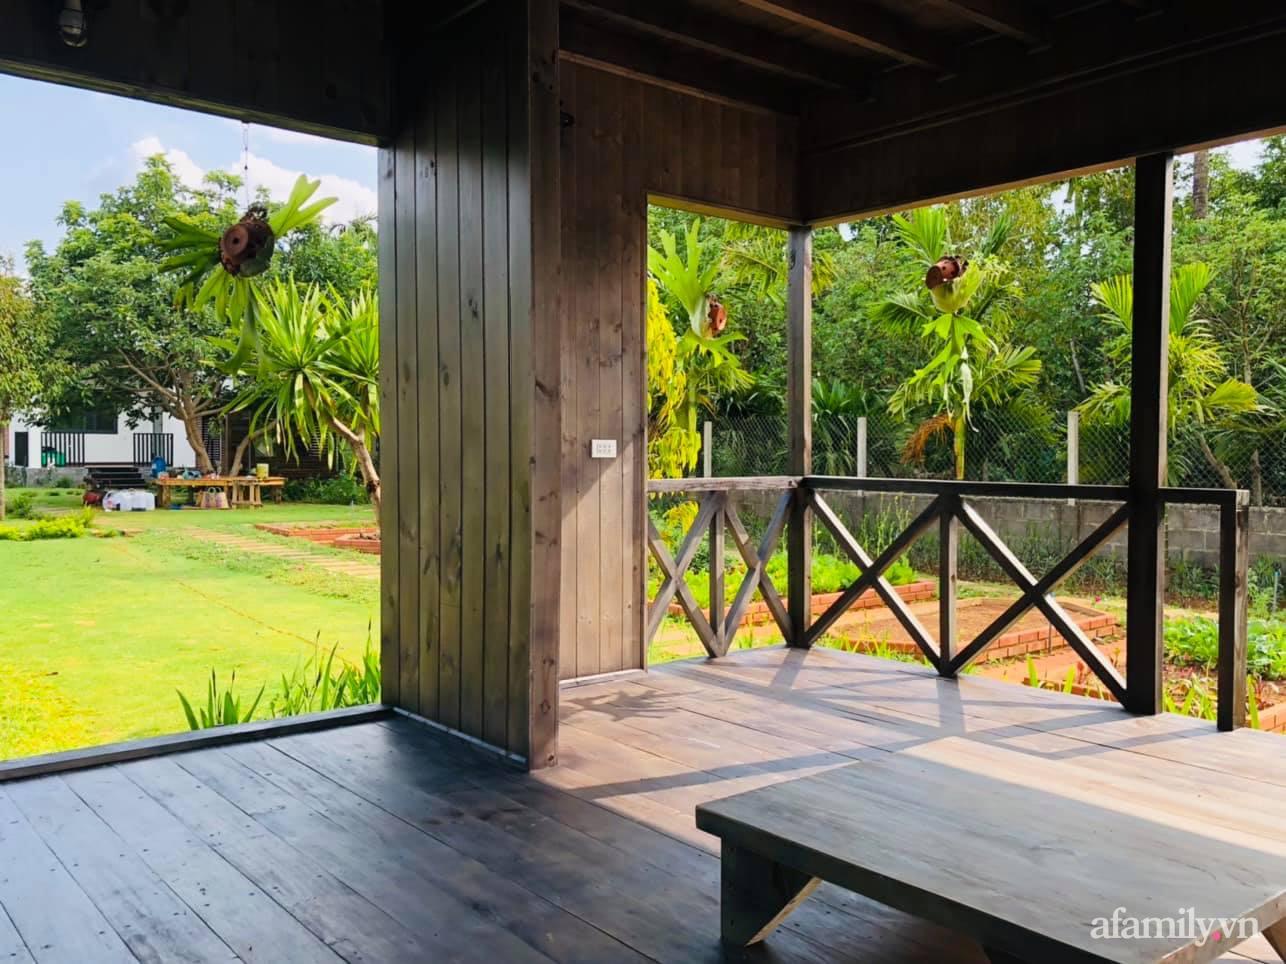 Căn nhà gỗ bình yên hướng tầm nhìn ra hồ nước trong veo, thơ mộng ở Buôn Mê Thuột - Ảnh 13.